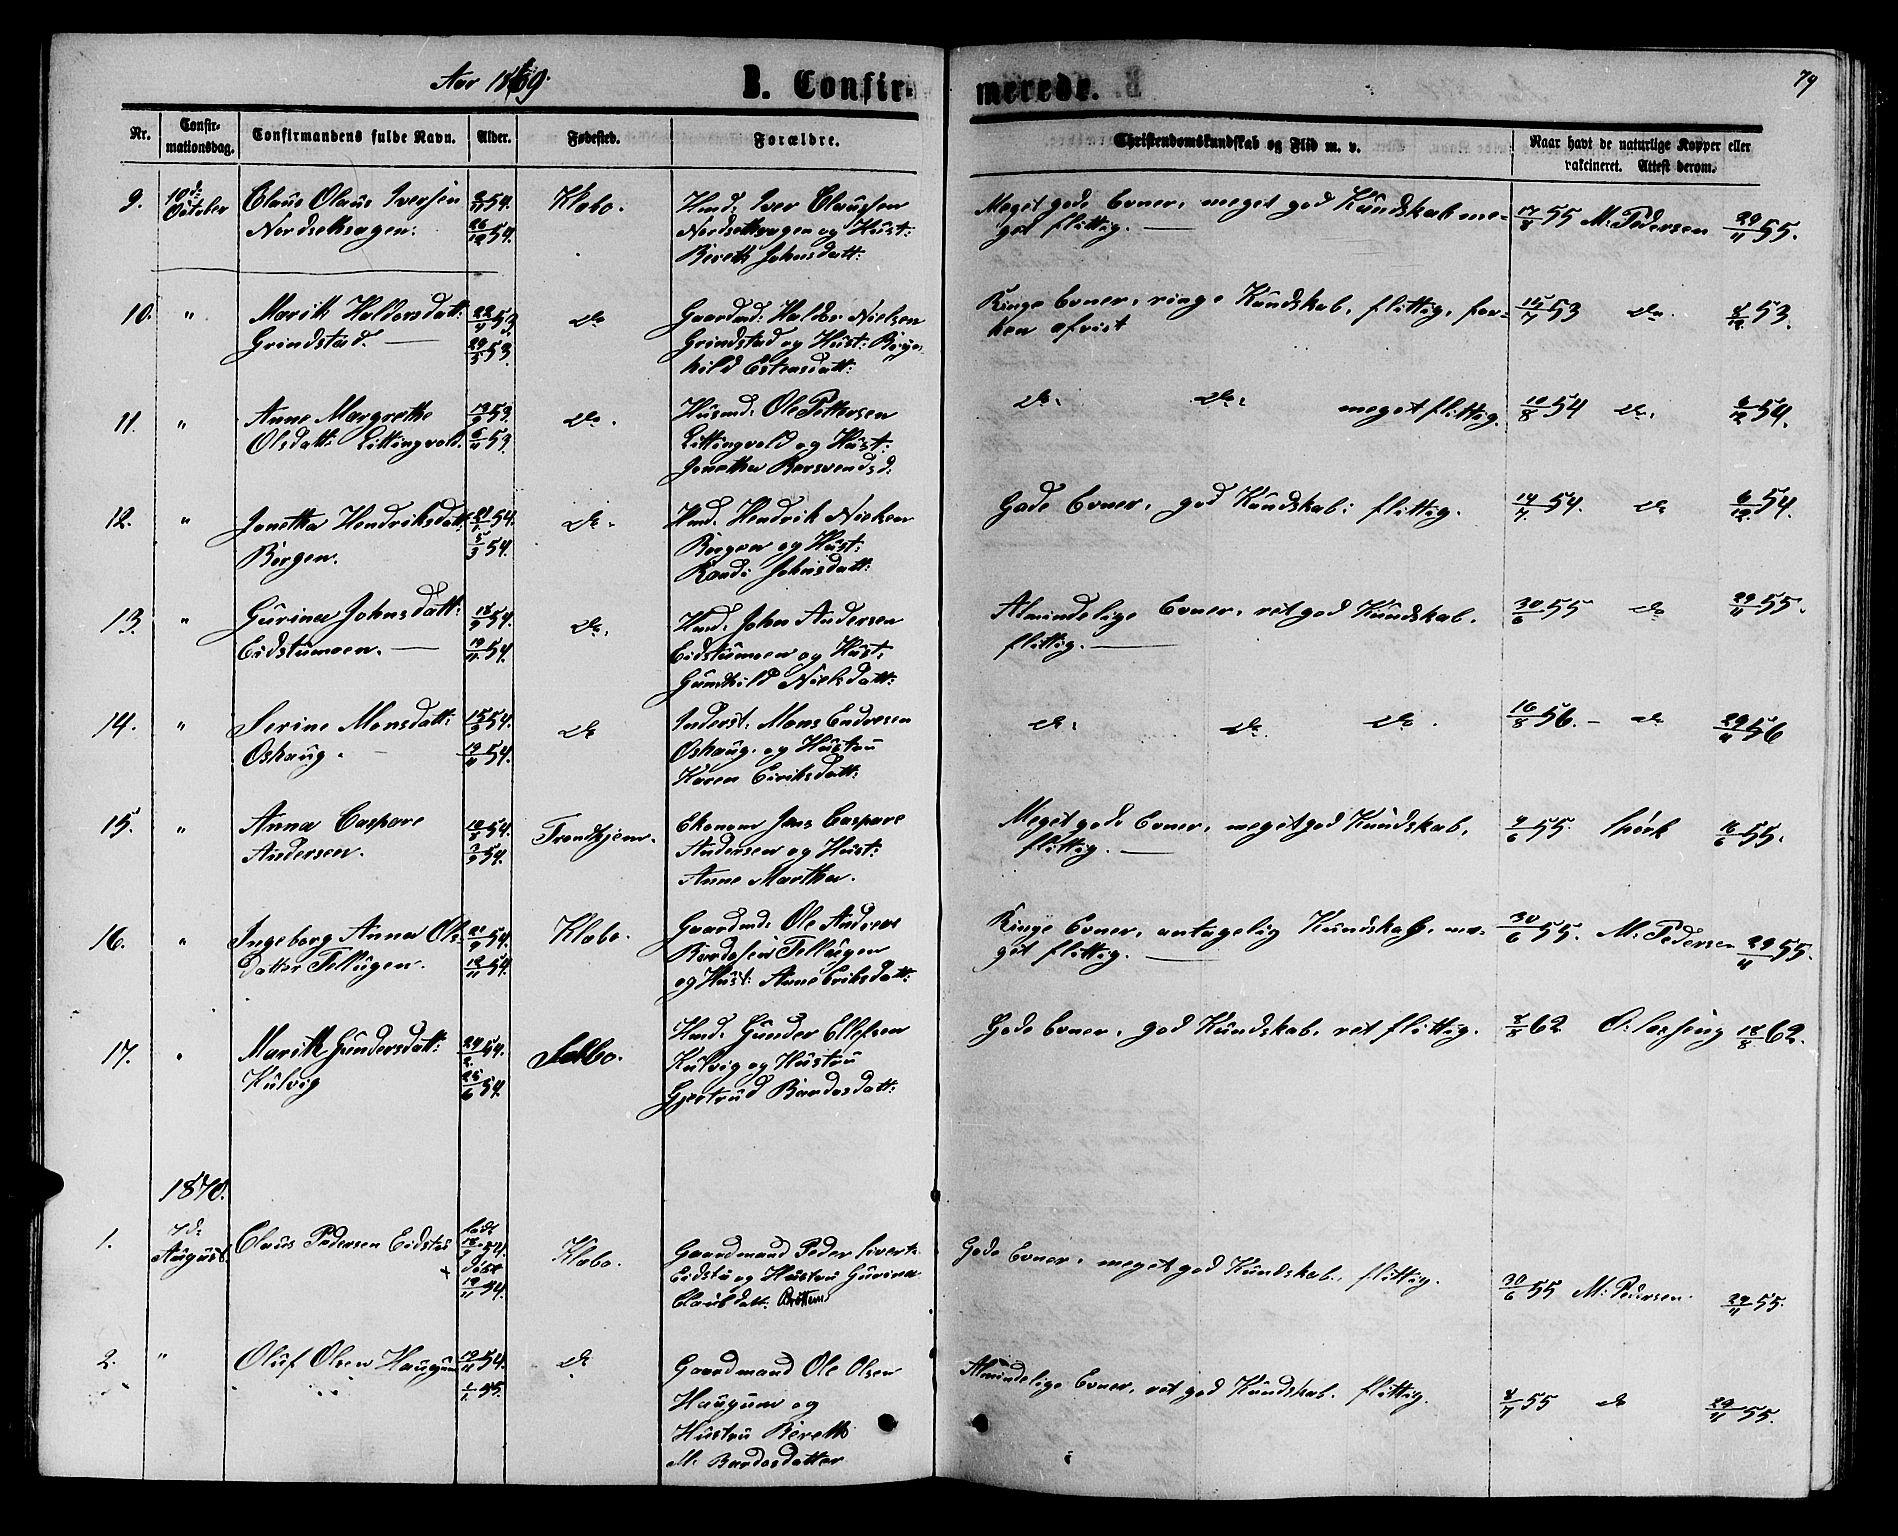 SAT, Ministerialprotokoller, klokkerbøker og fødselsregistre - Sør-Trøndelag, 618/L0451: Klokkerbok nr. 618C02, 1865-1883, s. 79